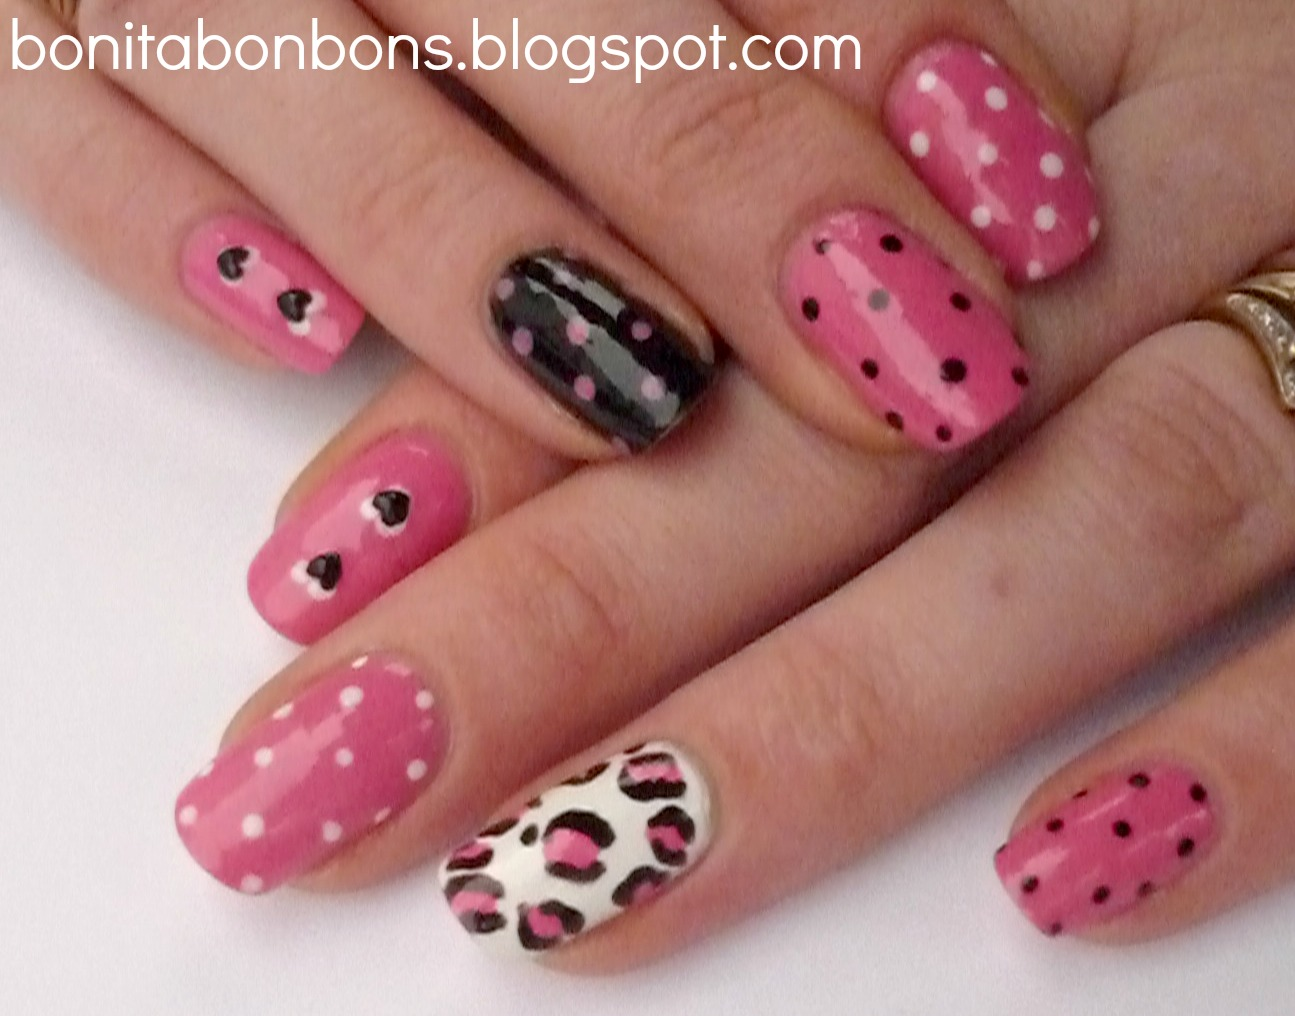 country girl nail designs pink camo nail tips rebel flag nail designs ...